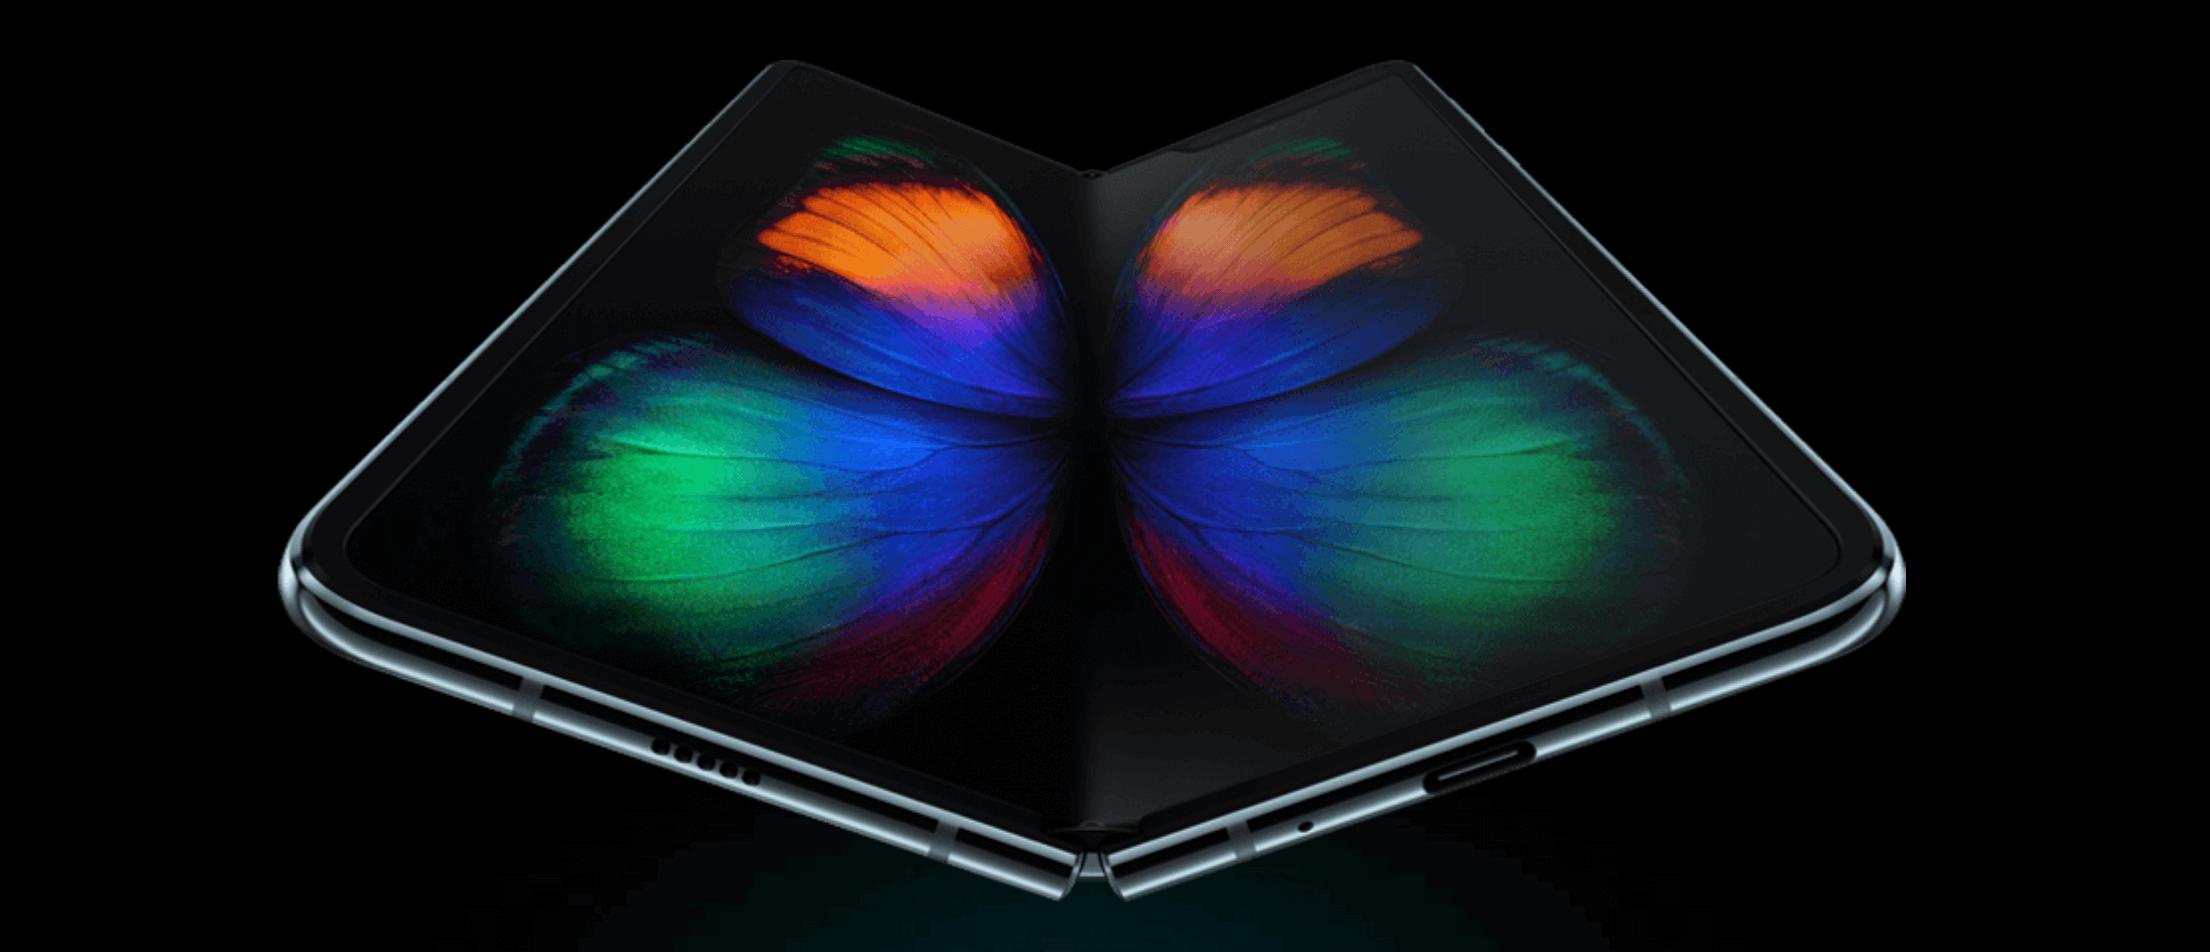 Die besten Smartphones der IFA 2019: Samsung Galaxy Fold 5G - Image by Samsung